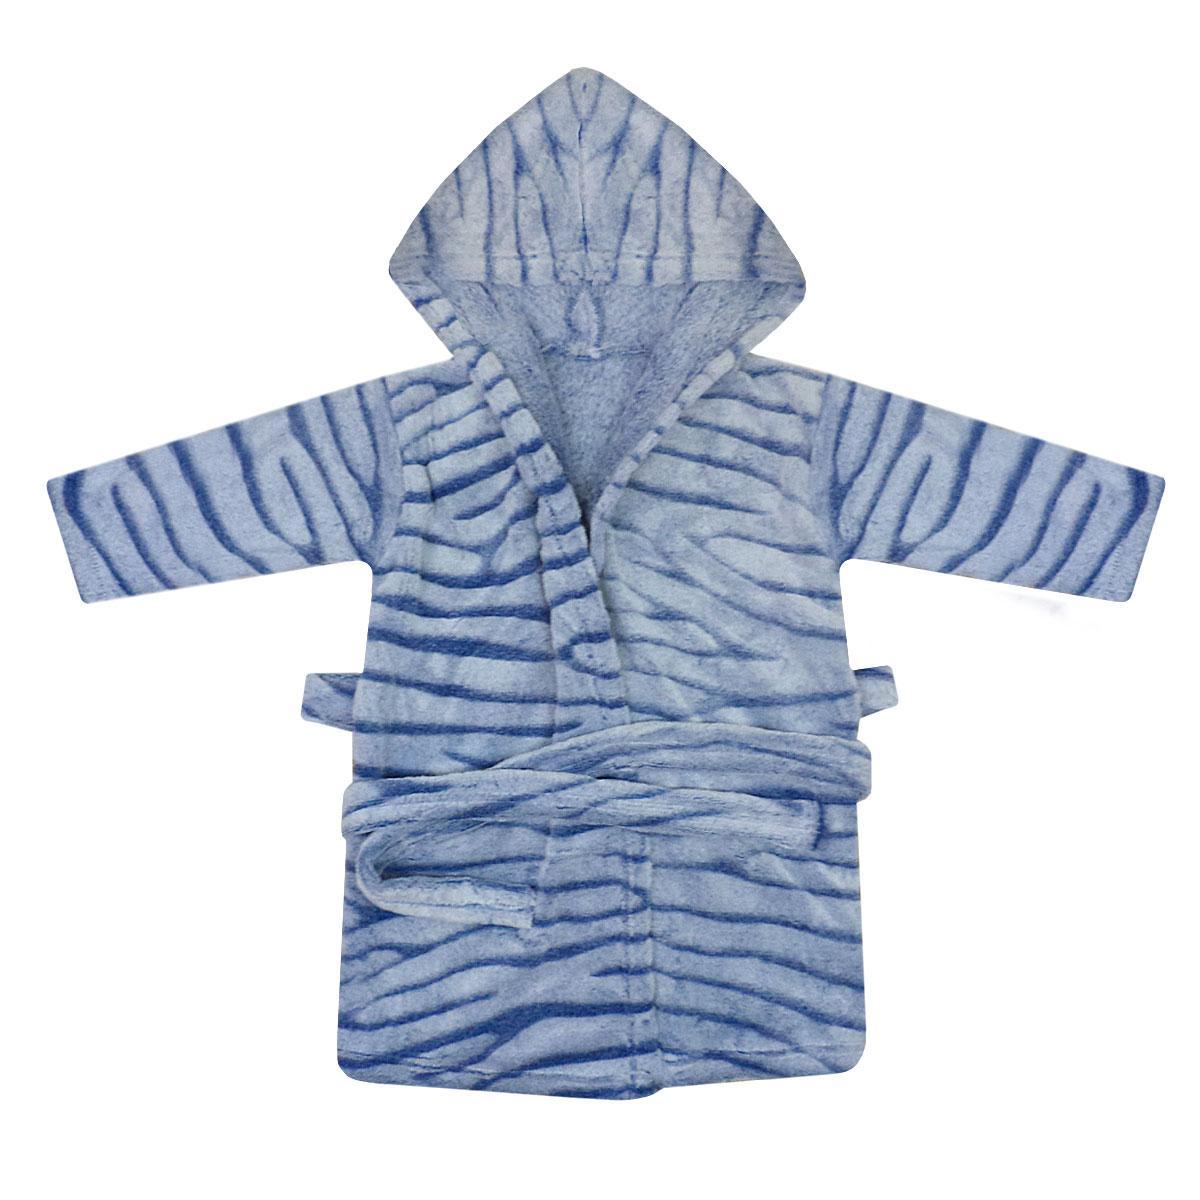 Синий махровый детский халат 1-6 лет велсофт